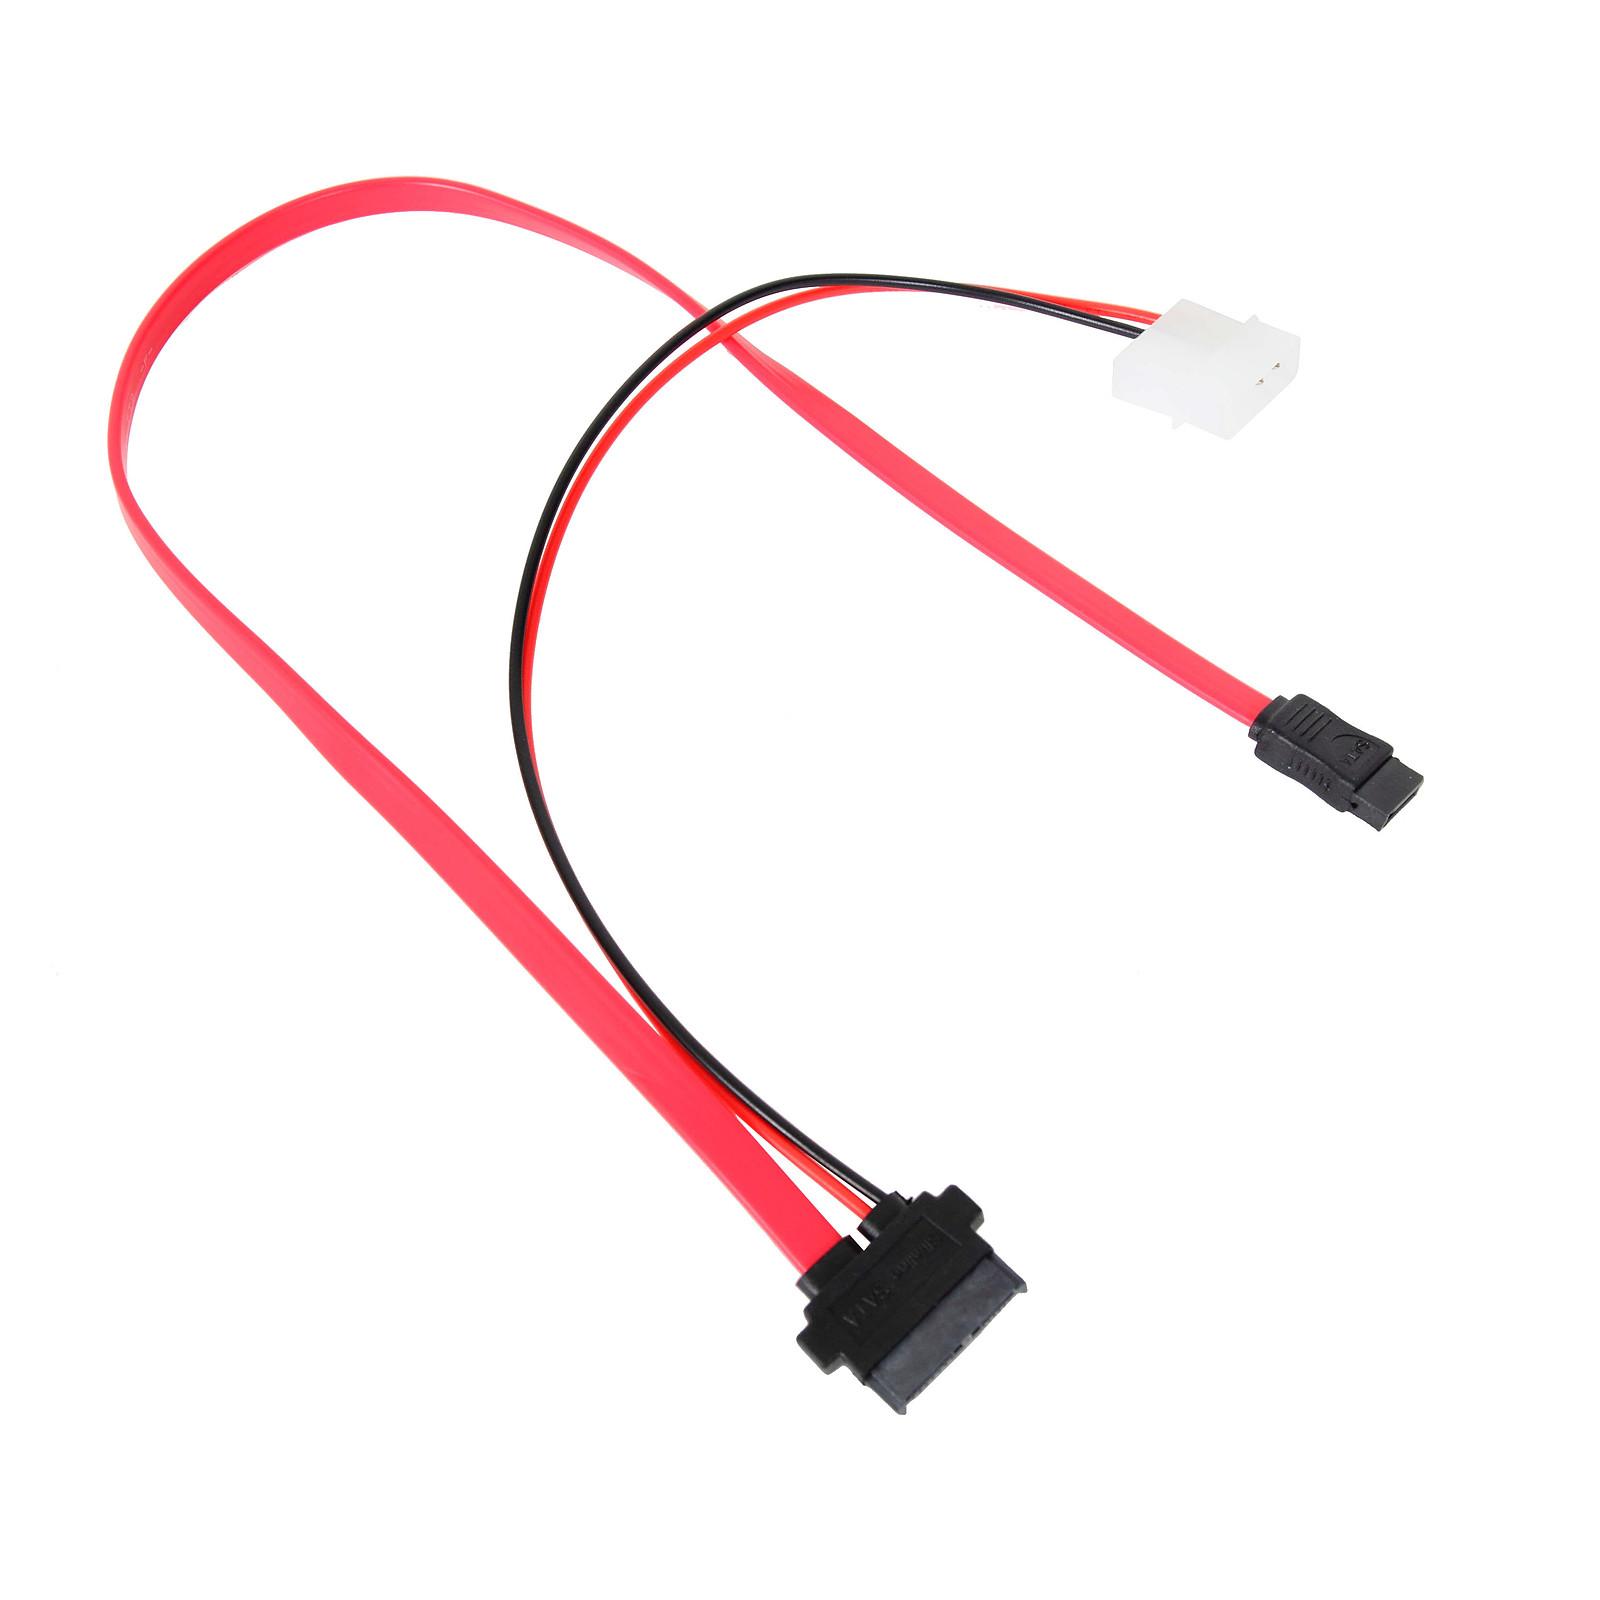 Câble Slim-SATA 2-en-1 avec alimentation Molex (pour lecteur optique slim ou SSD 1.8'')